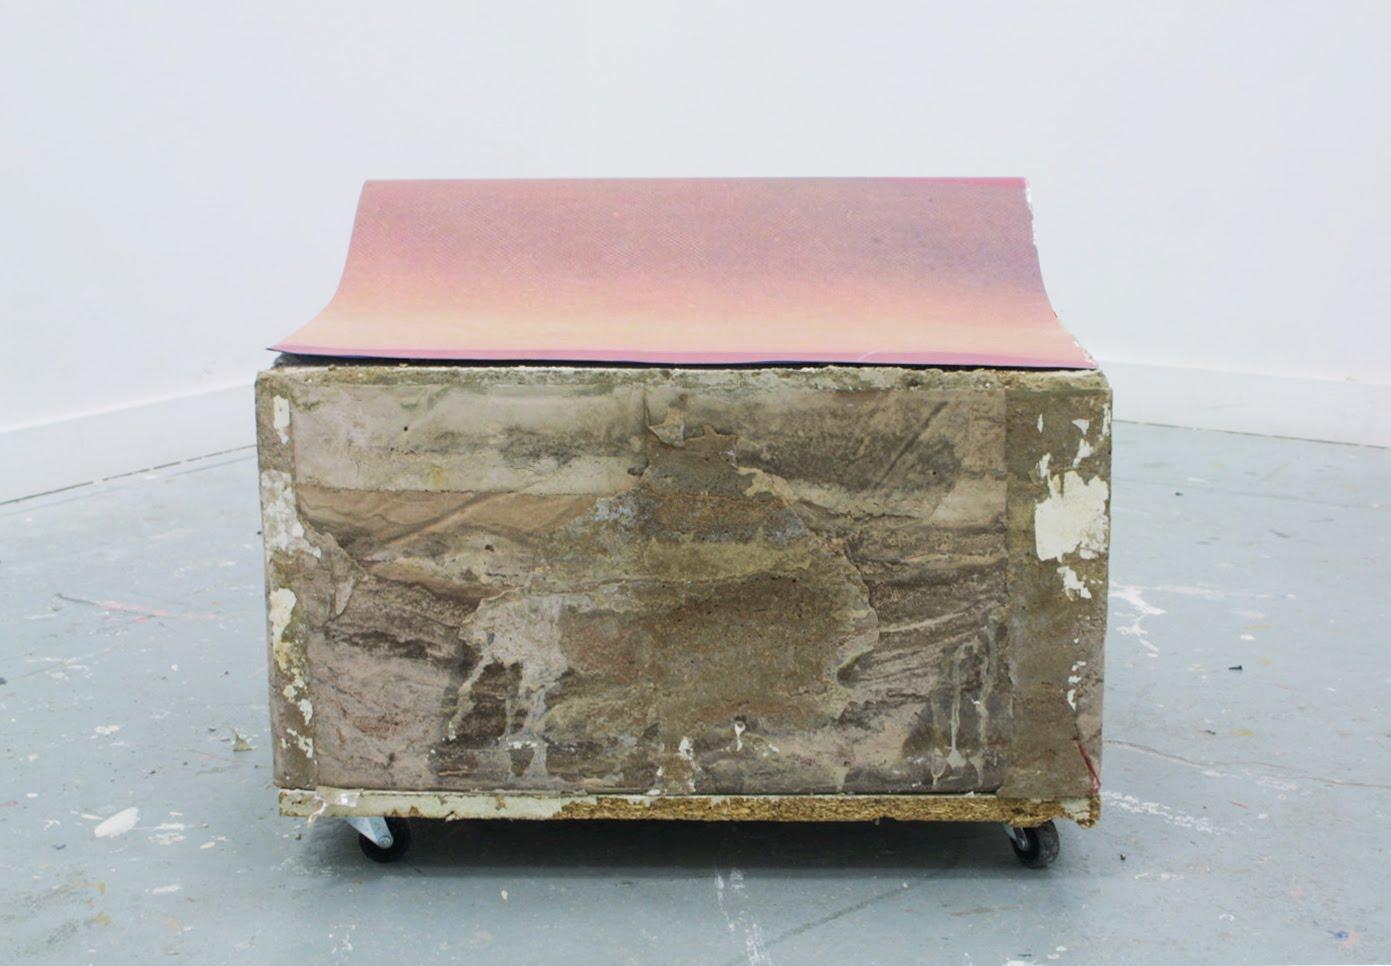 http://1.bp.blogspot.com/_cxVpbVEto8Q/TGrBzJTsJEI/AAAAAAAAAIo/tAjQC-JMehE/s1600/concrete+steen+2.jpg